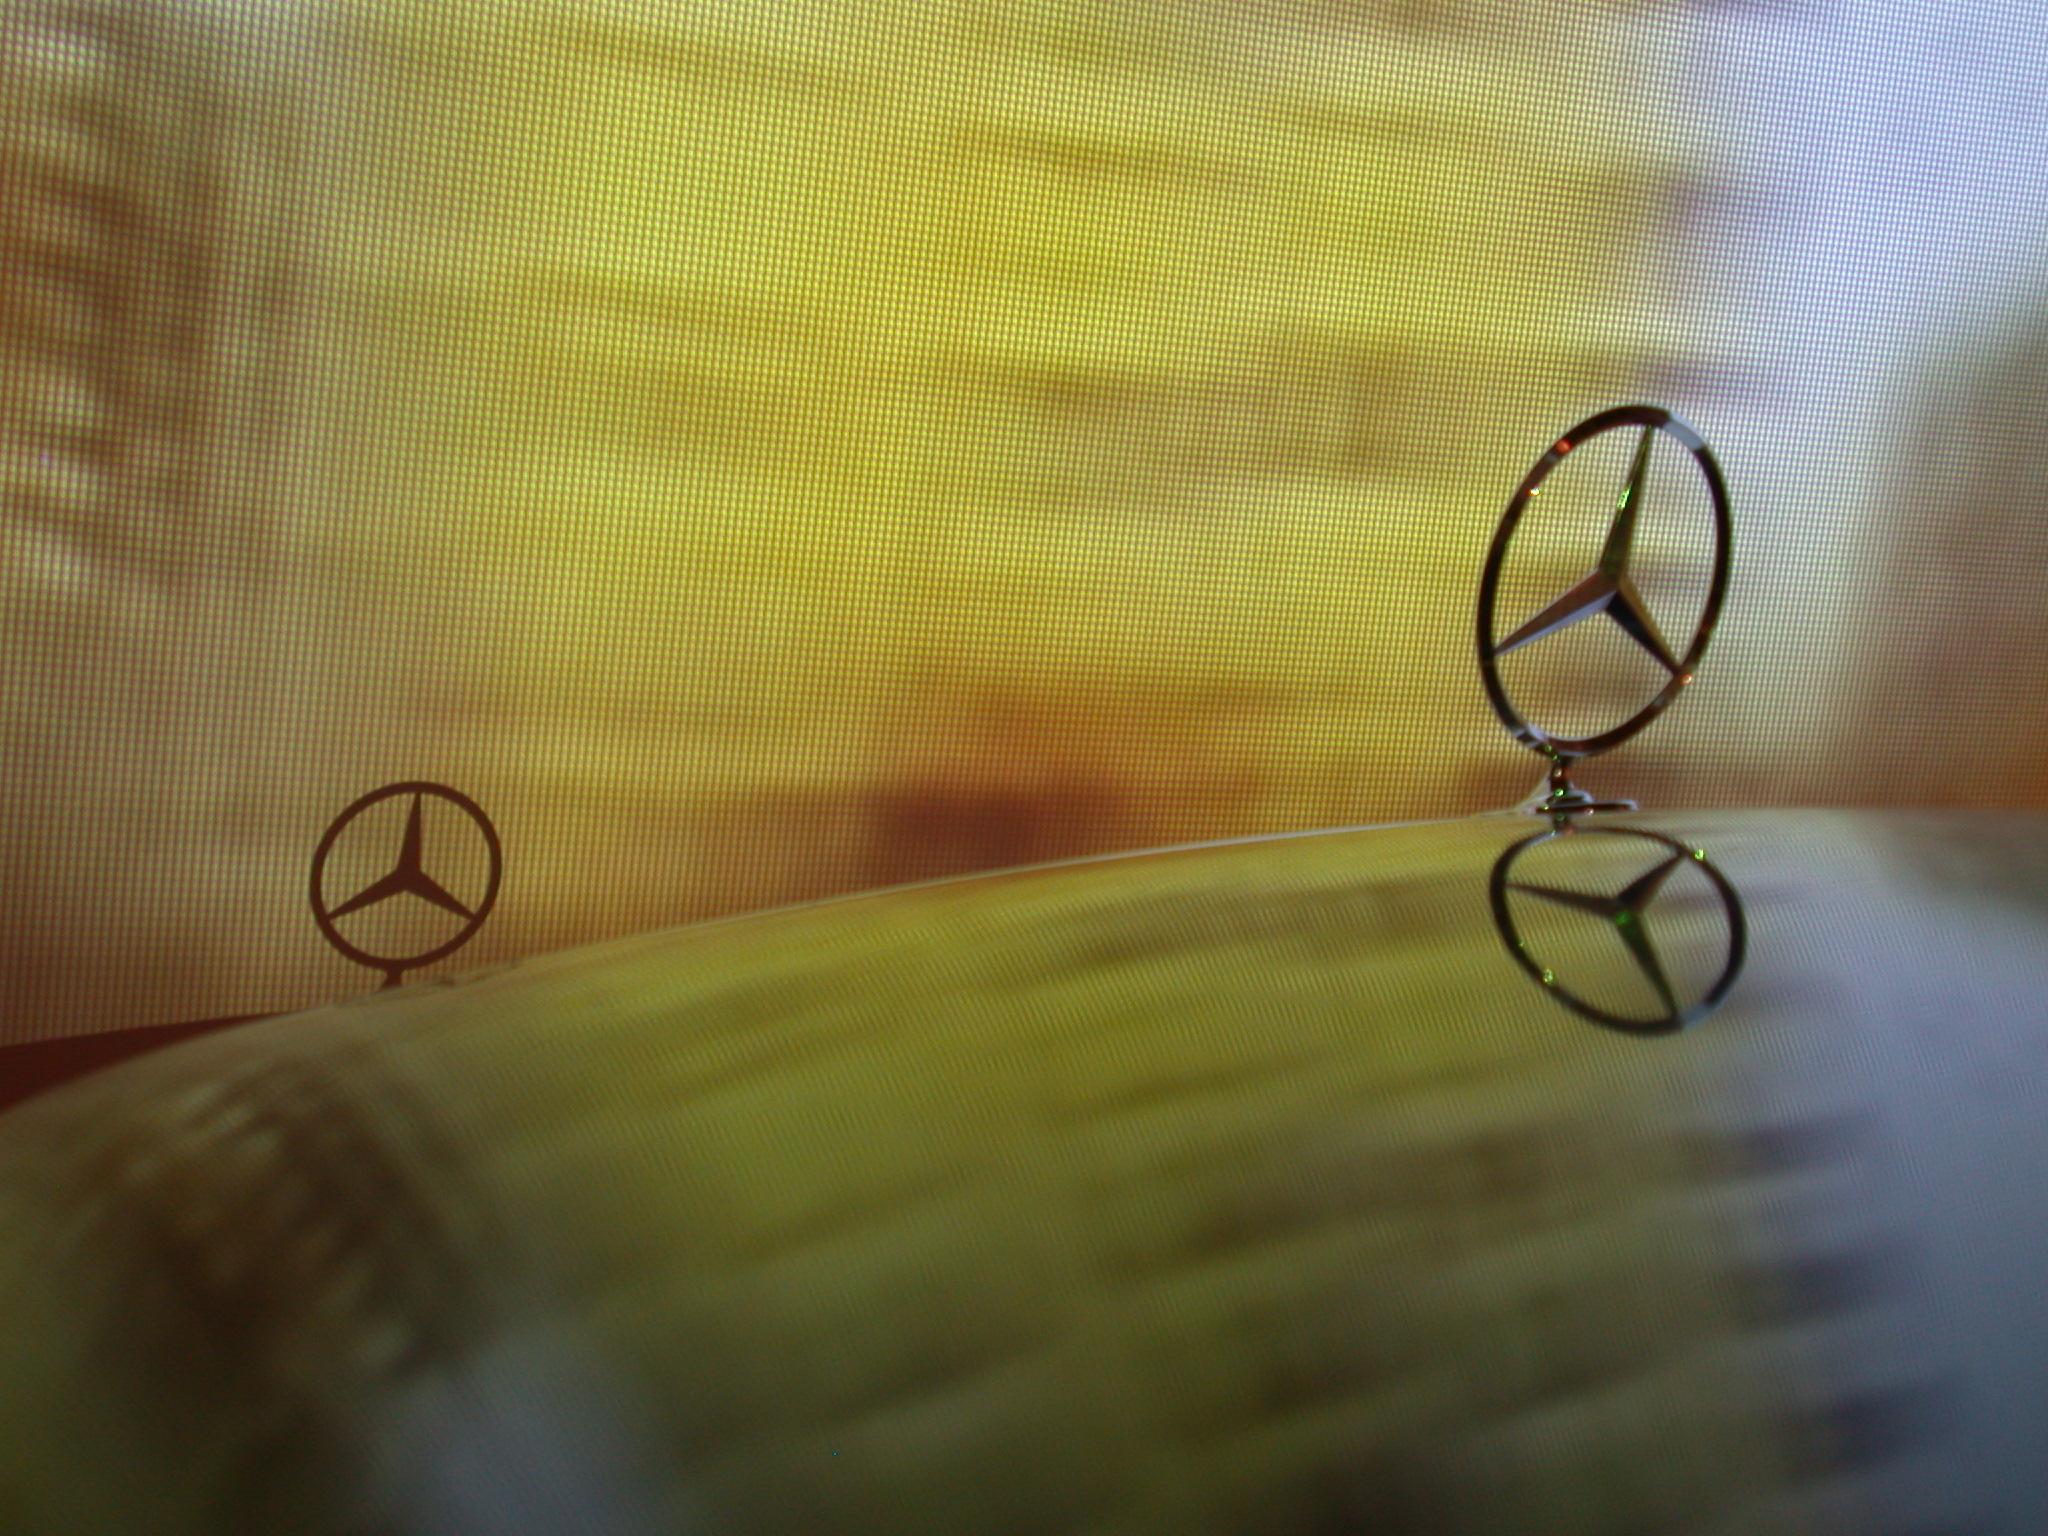 light shining speed fast blur blurry mercedes bonnet hood logo star car